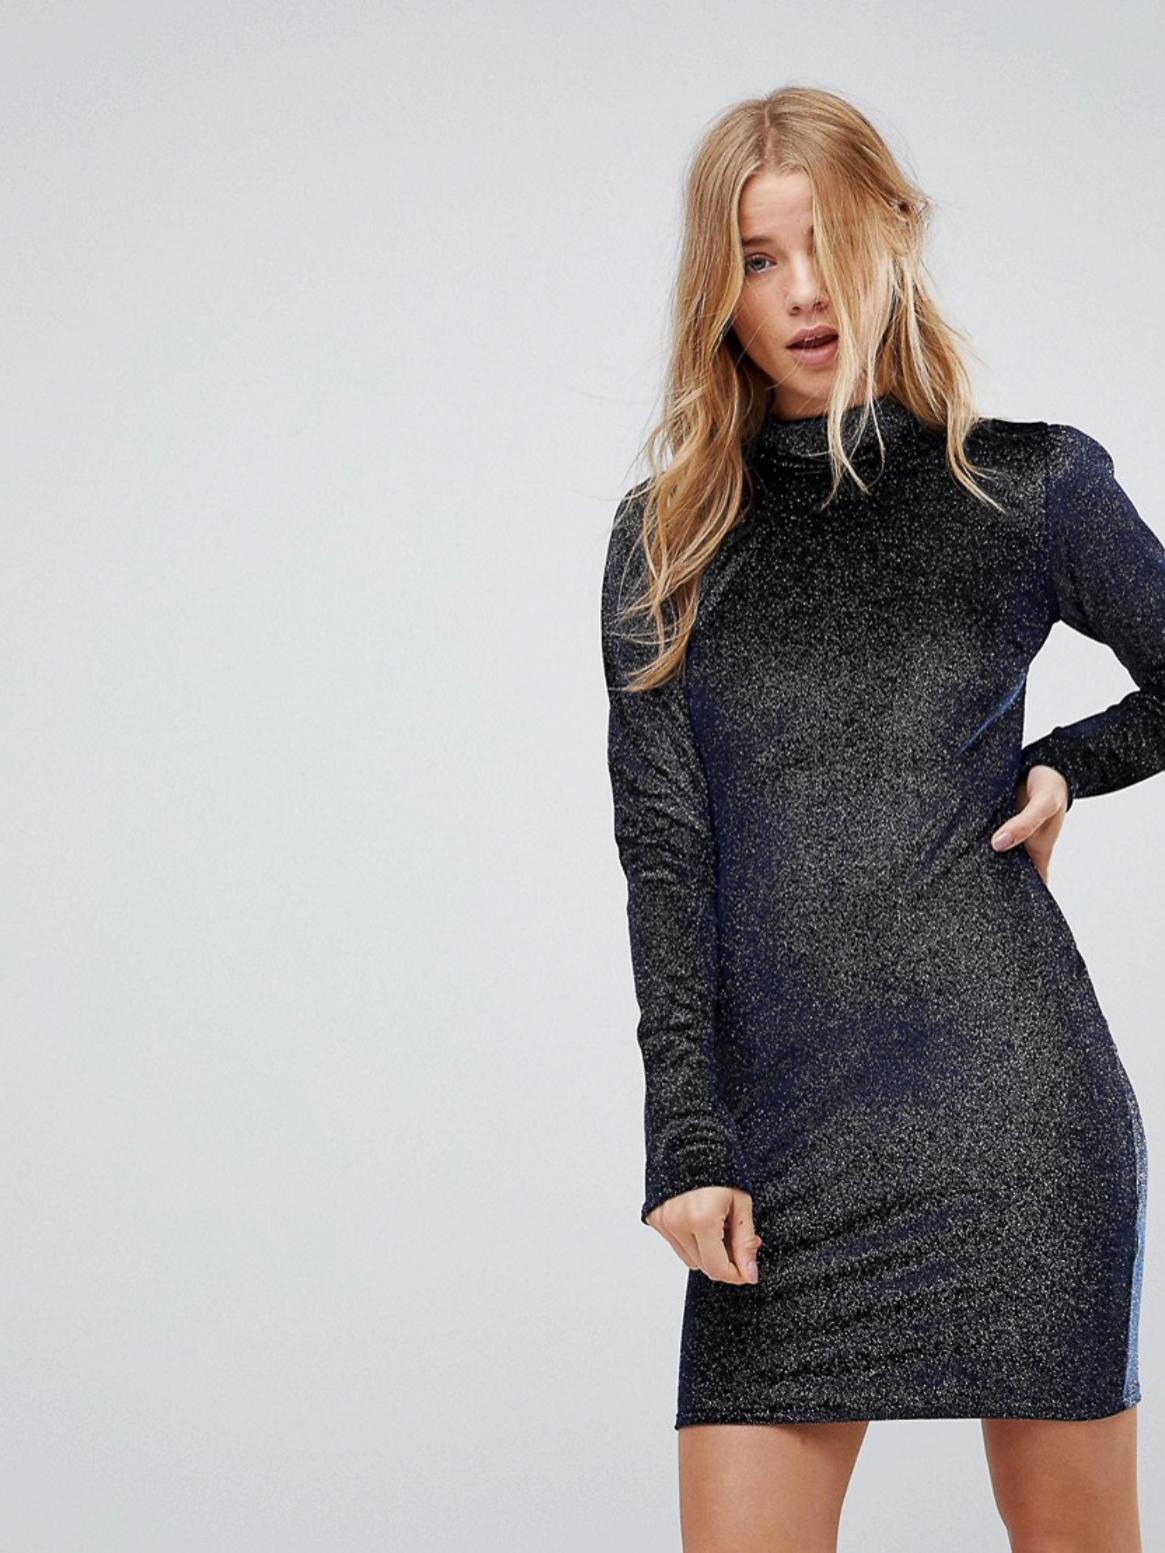 Гламурное высокое облегающее платье с высоким воротом и блестящим бархатом Glamorous AS100620-70 Синий Free Style